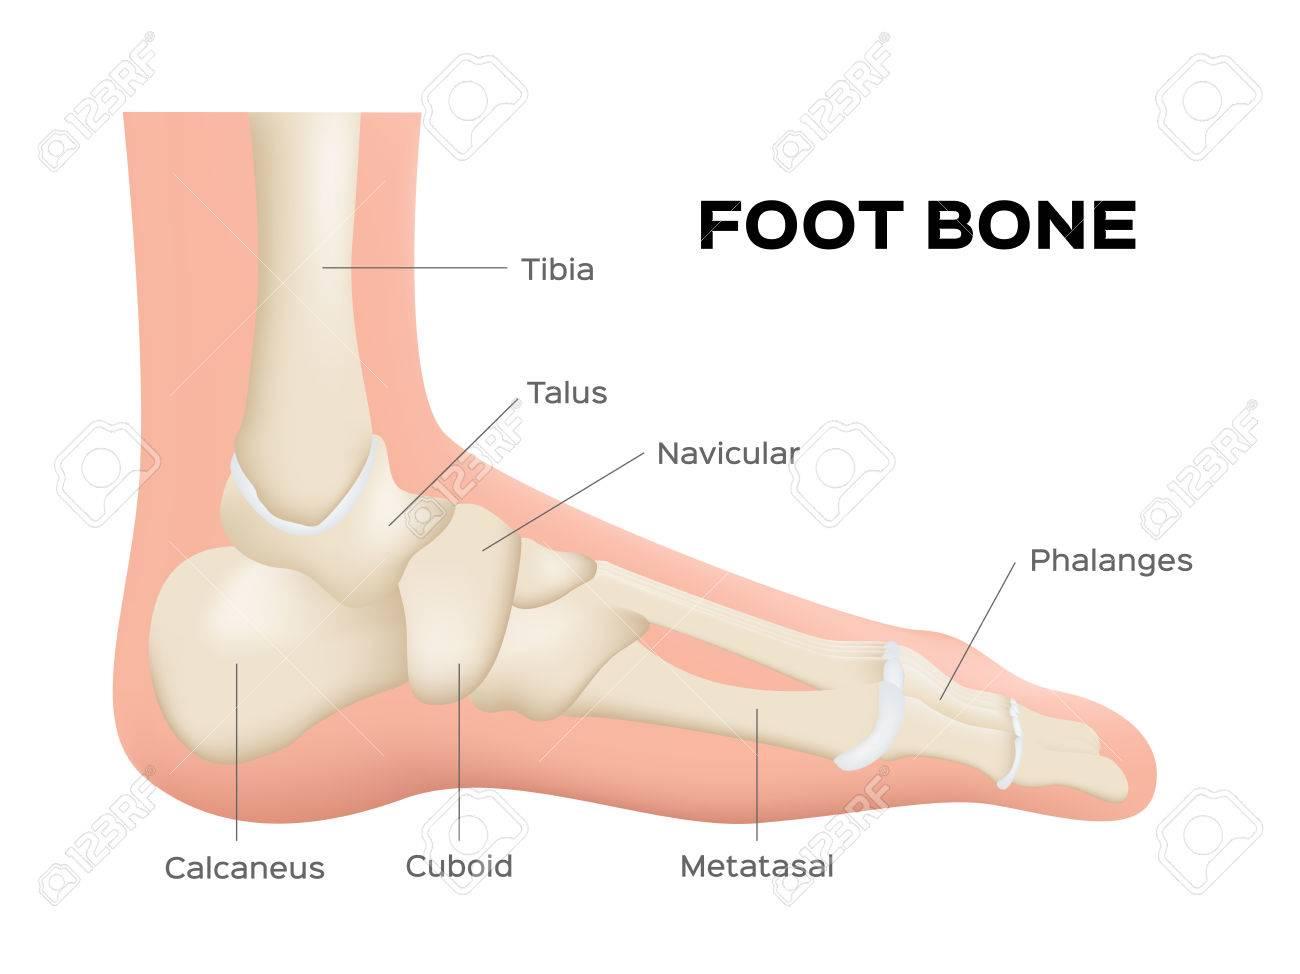 Anatomía ósea Del Pie Humano. Vector Ilustraciones Vectoriales, Clip ...